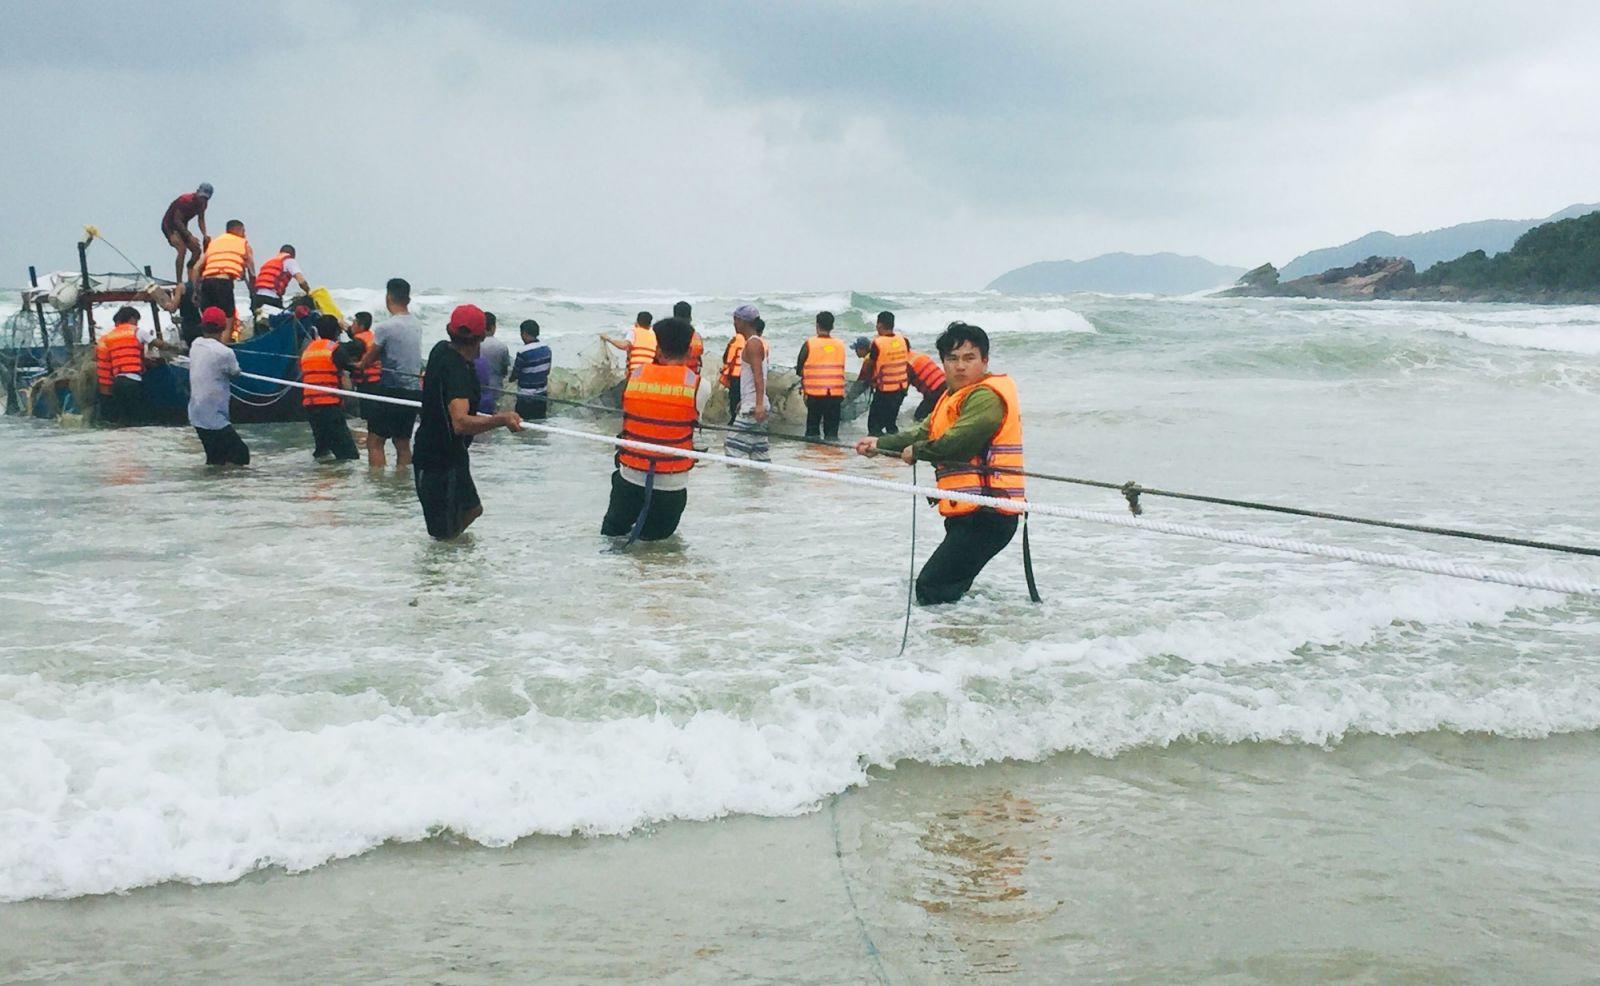 Thừa Thiên Huế:  2 ngư dân đi trên ghe bị sóng biển đánh chìm